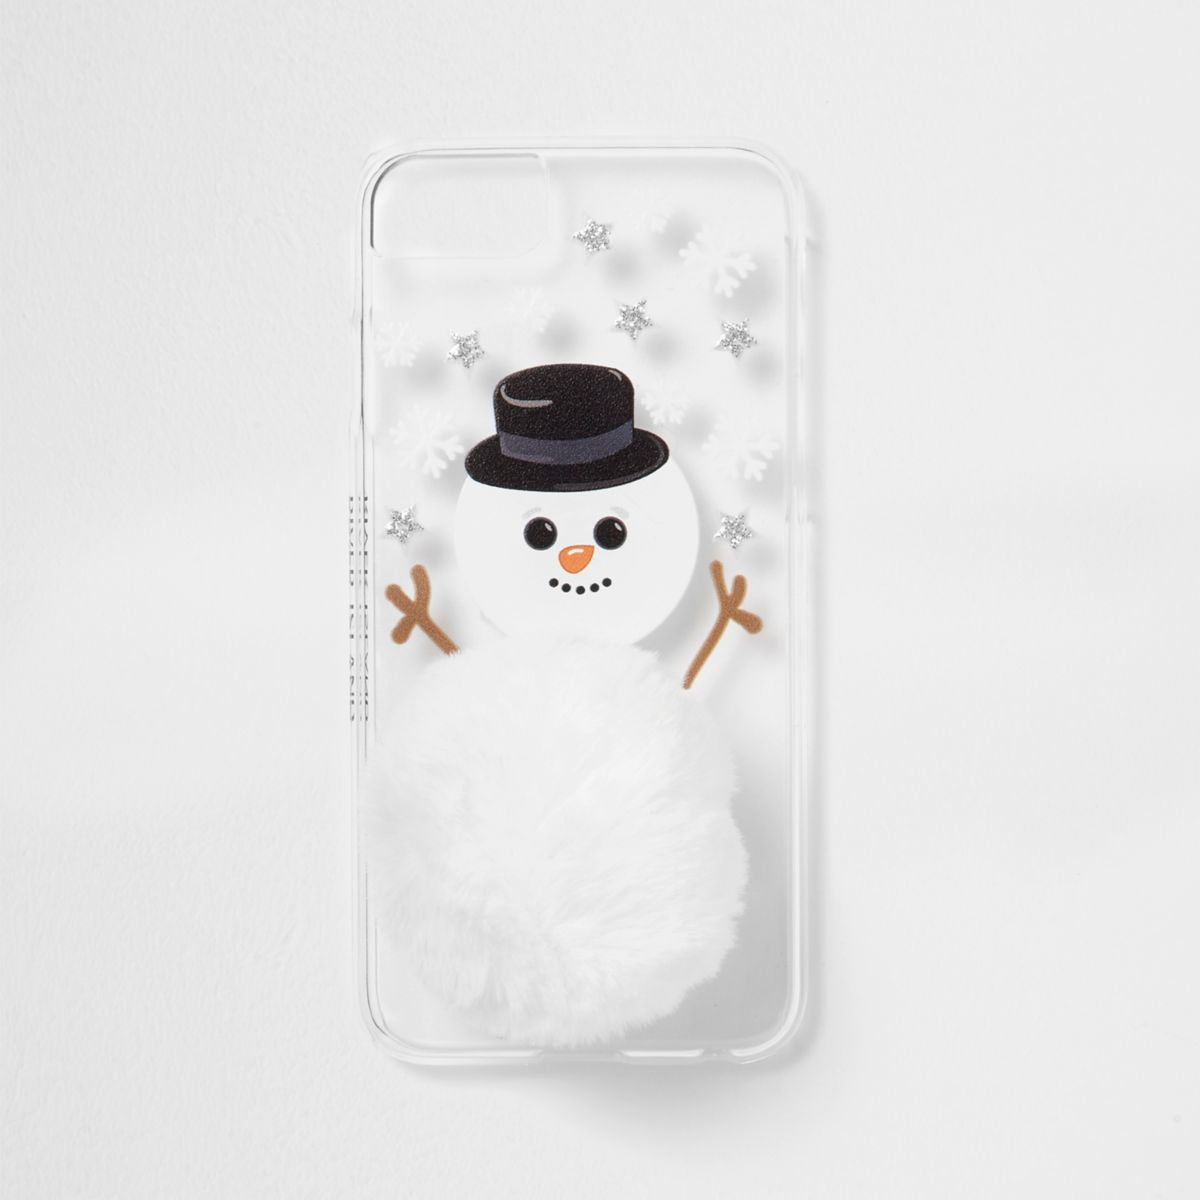 White snowman pom pom phone case